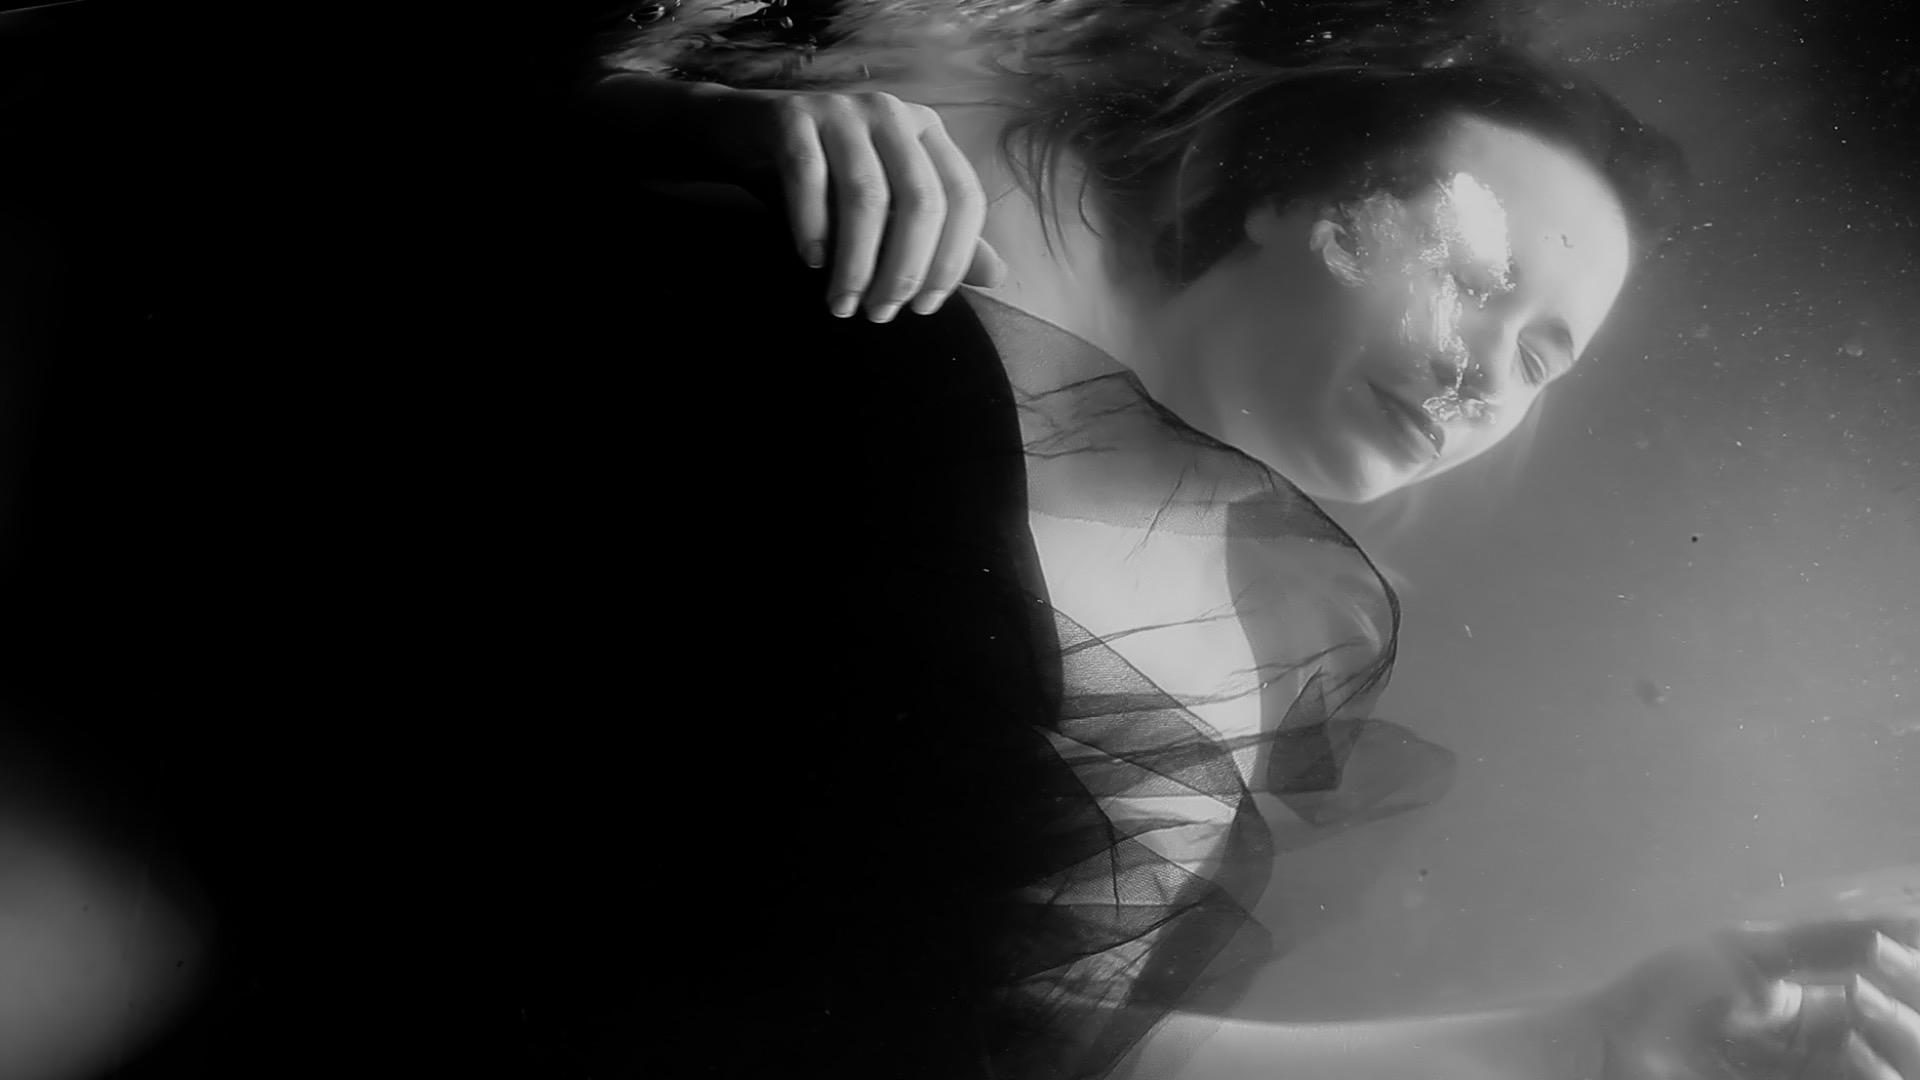 Fever-Milo-Joki-Tournage-clip-vidéo-paca-Var-realisateur-Riberaigua-Rhizome-Juice-producteur-43